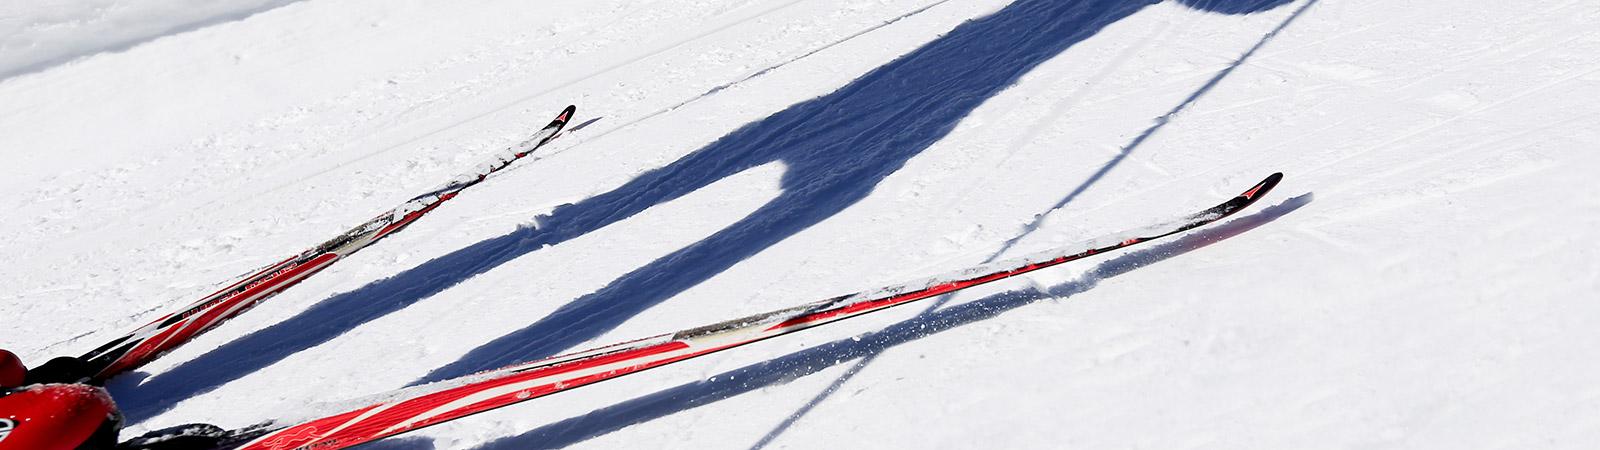 fartage-ski-de-fond